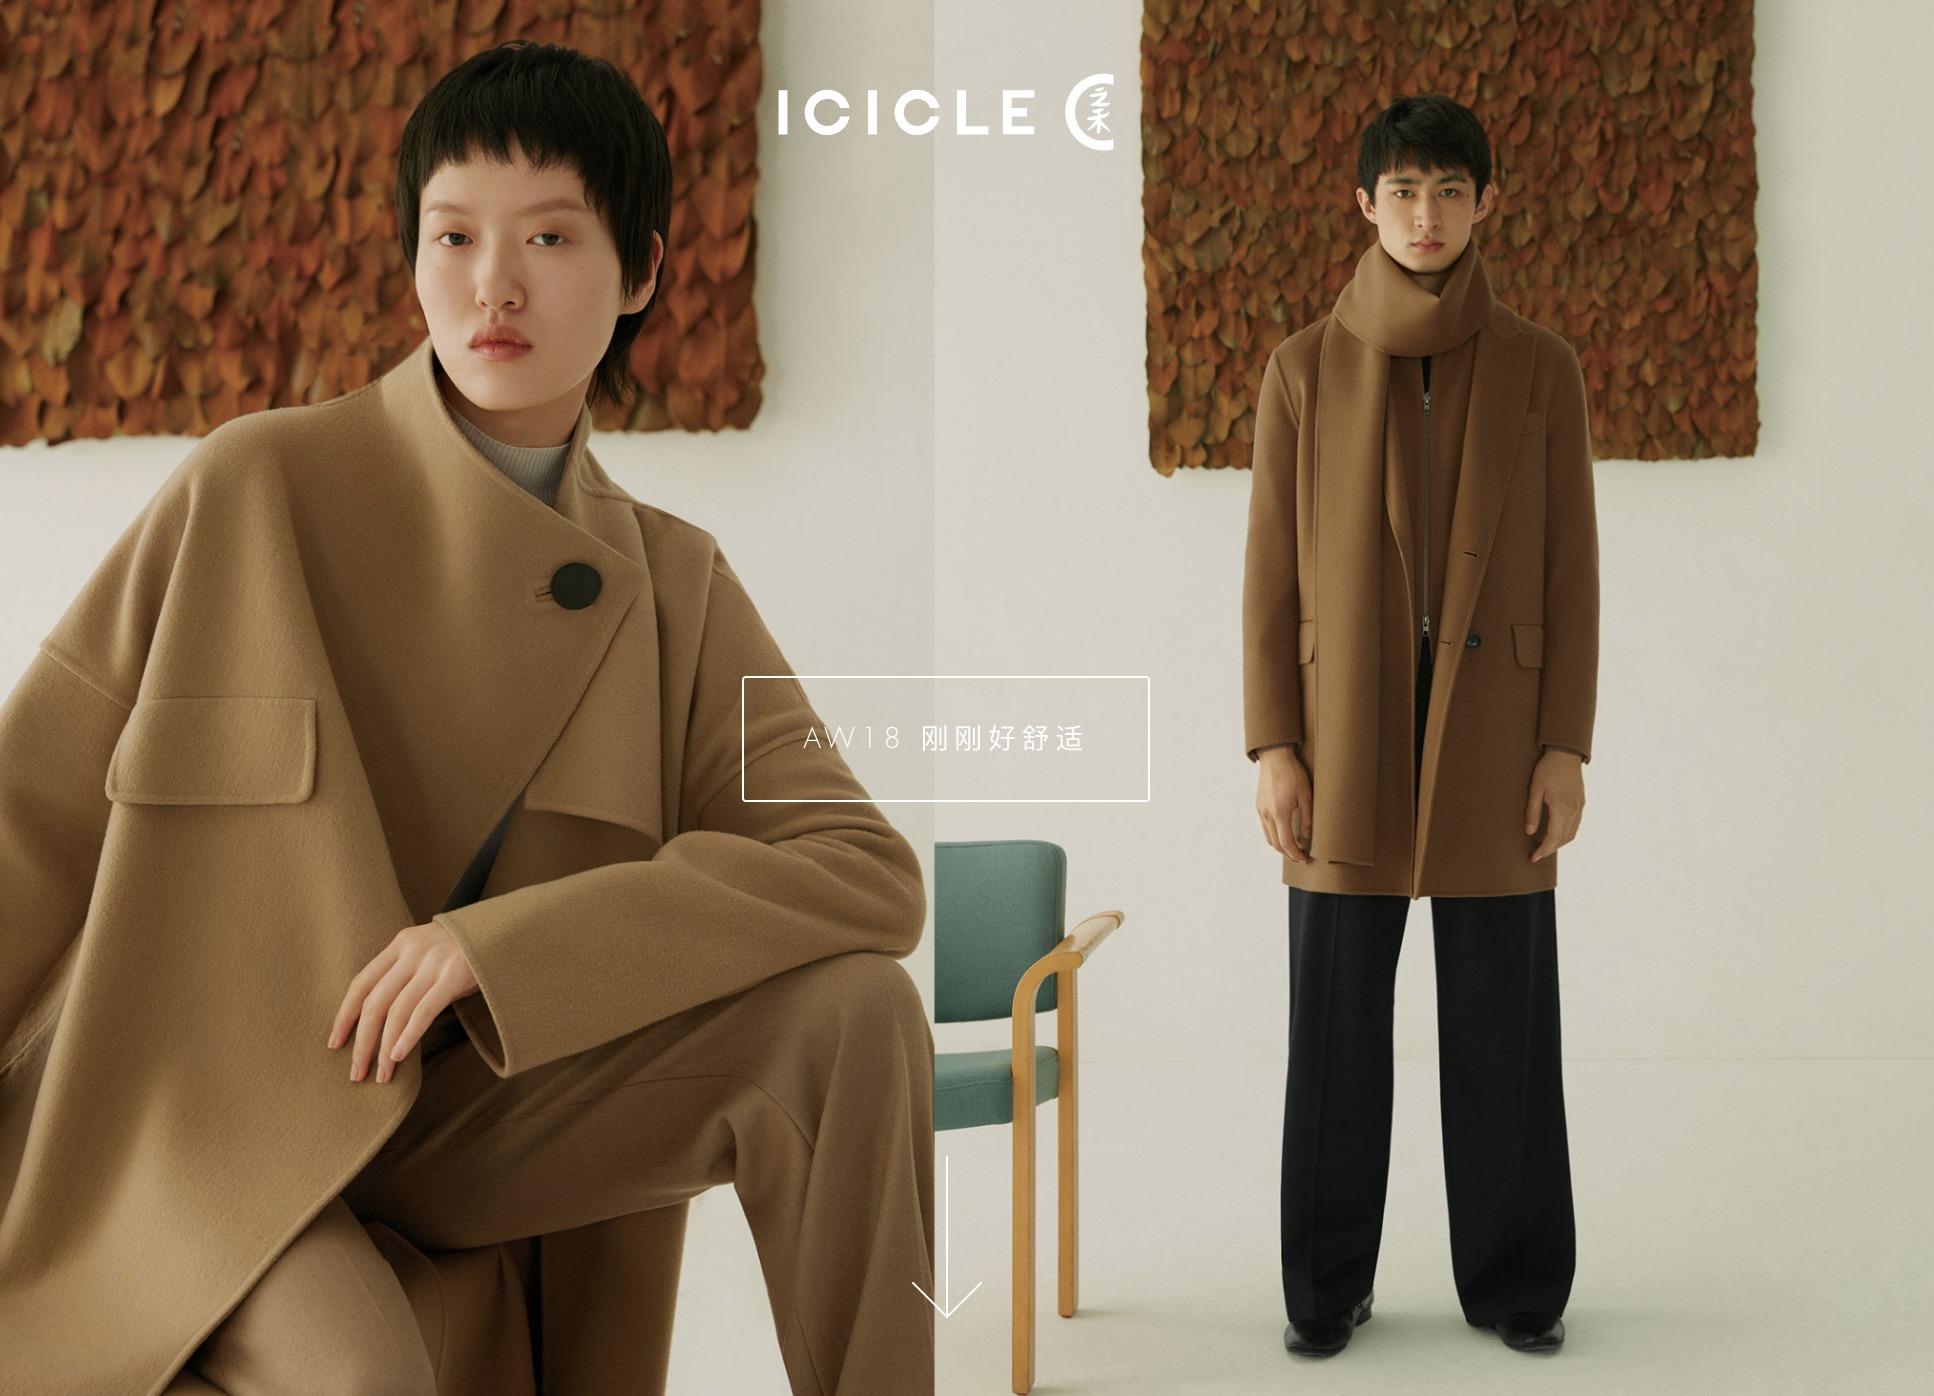 上海之禾集团正式宣布收购法国经典时装品牌 Carven